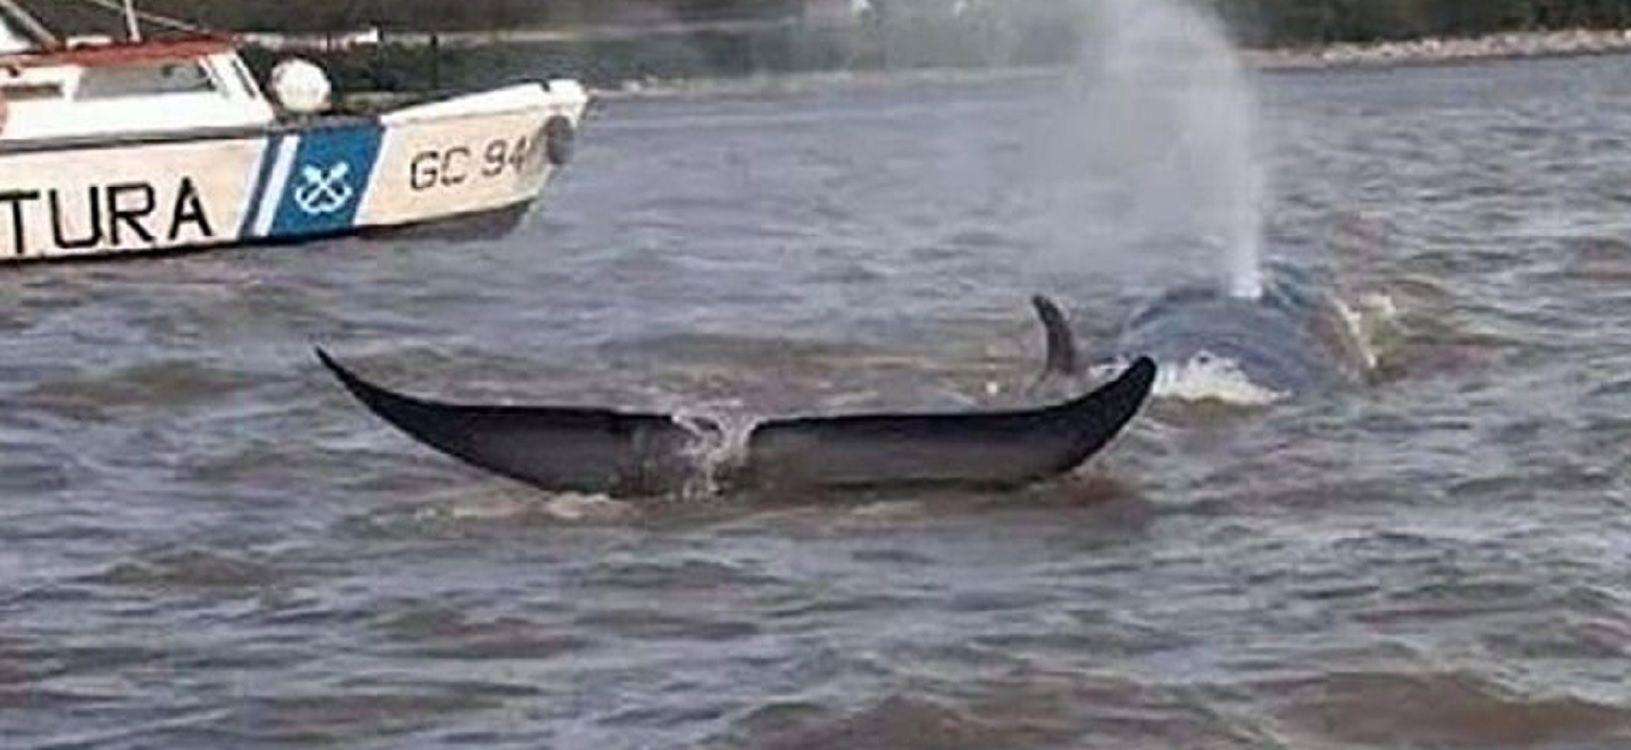 Apareció una ballena en el Río Paraná y murió encallada